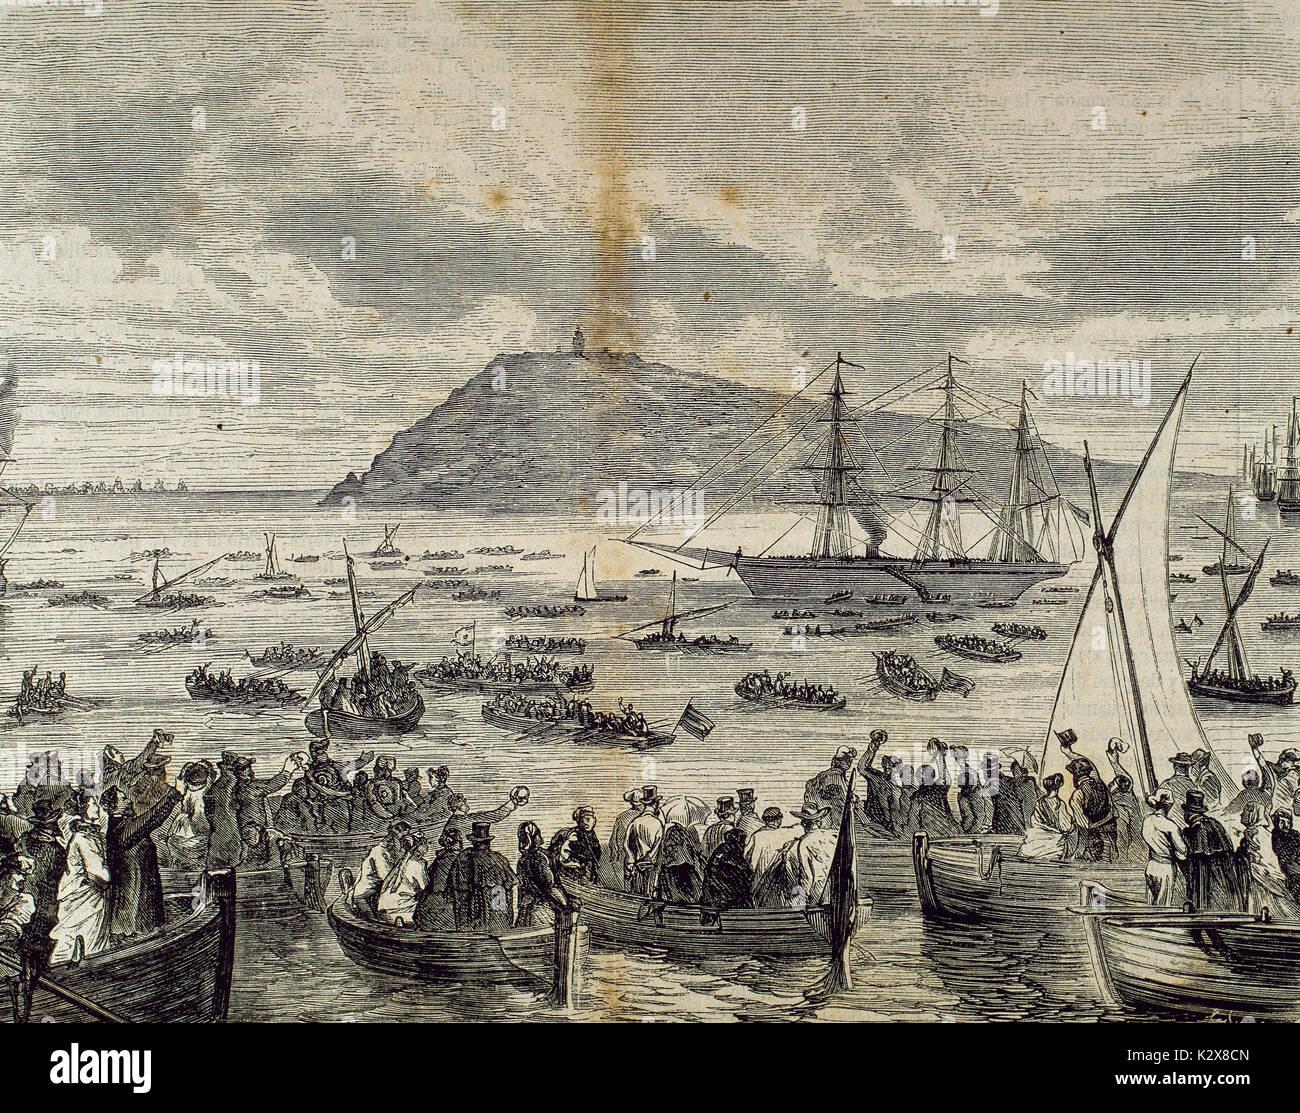 Spain. Catalonia. Barcelona. Catalan volunteers embark to Cuba. Engraved by Moracho y Sadurni. 'La Ilustracion Espanola y Americana', Desember 25, 1869. - Stock Image